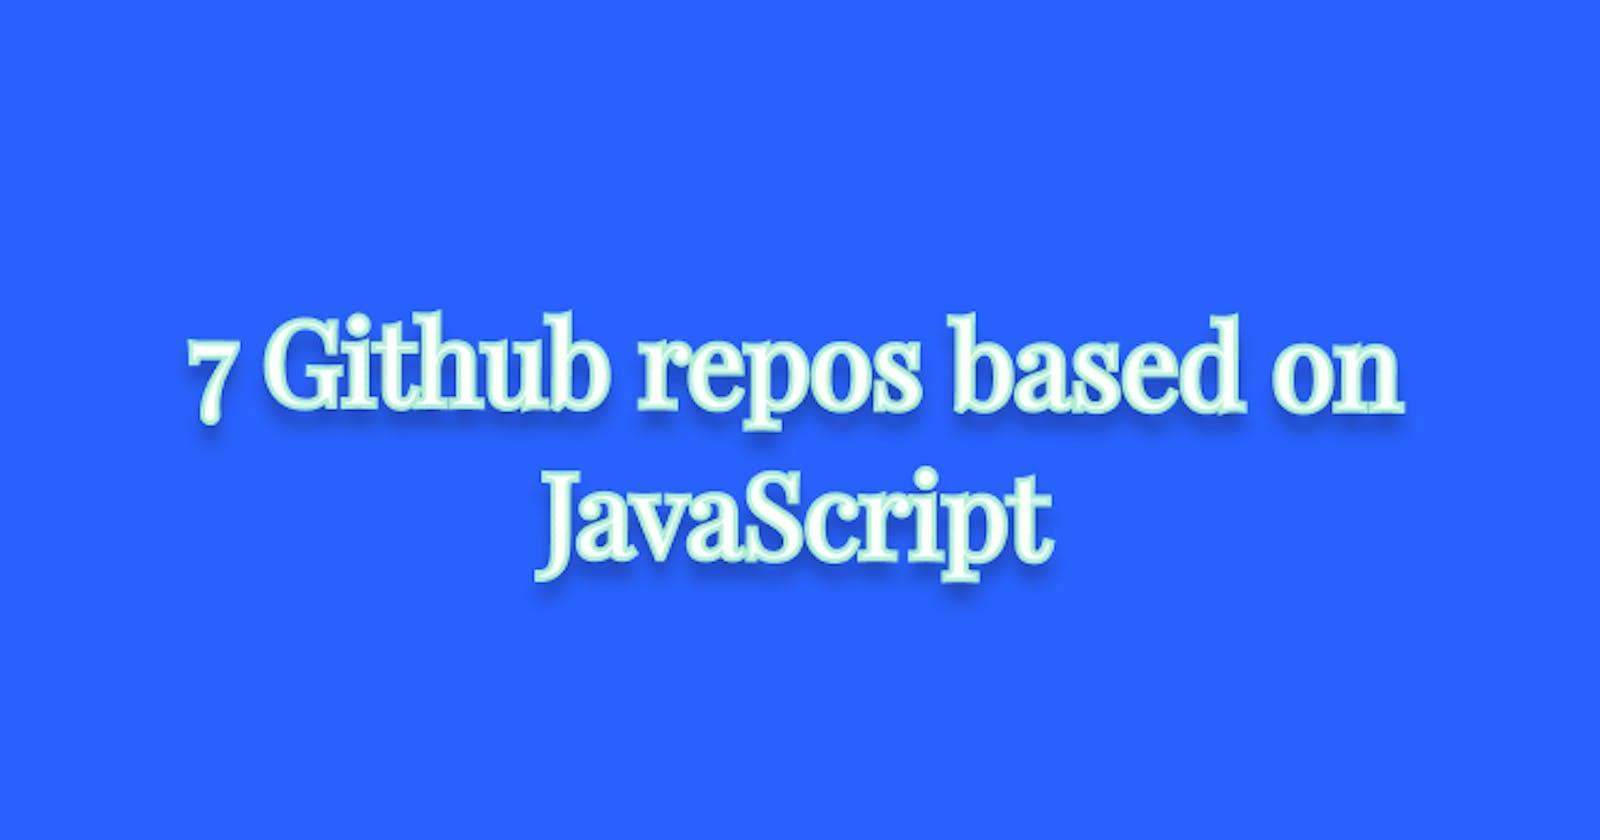 7 Github repos based on JavaScript